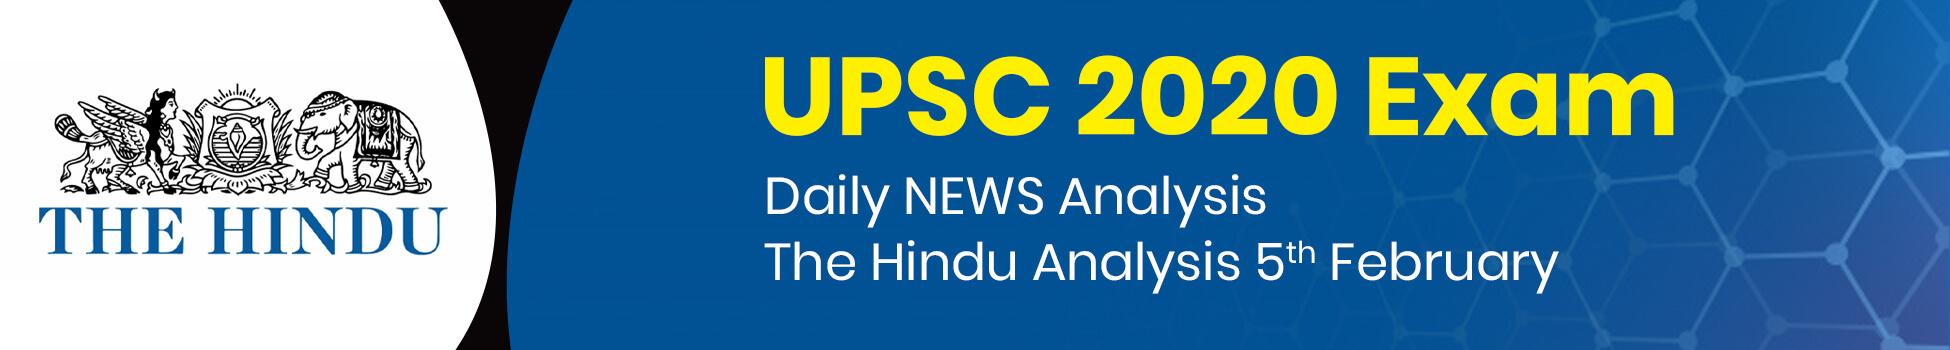 Daily NEWS Analysis | The Hindu Analysis 5th February | UPSC 2020